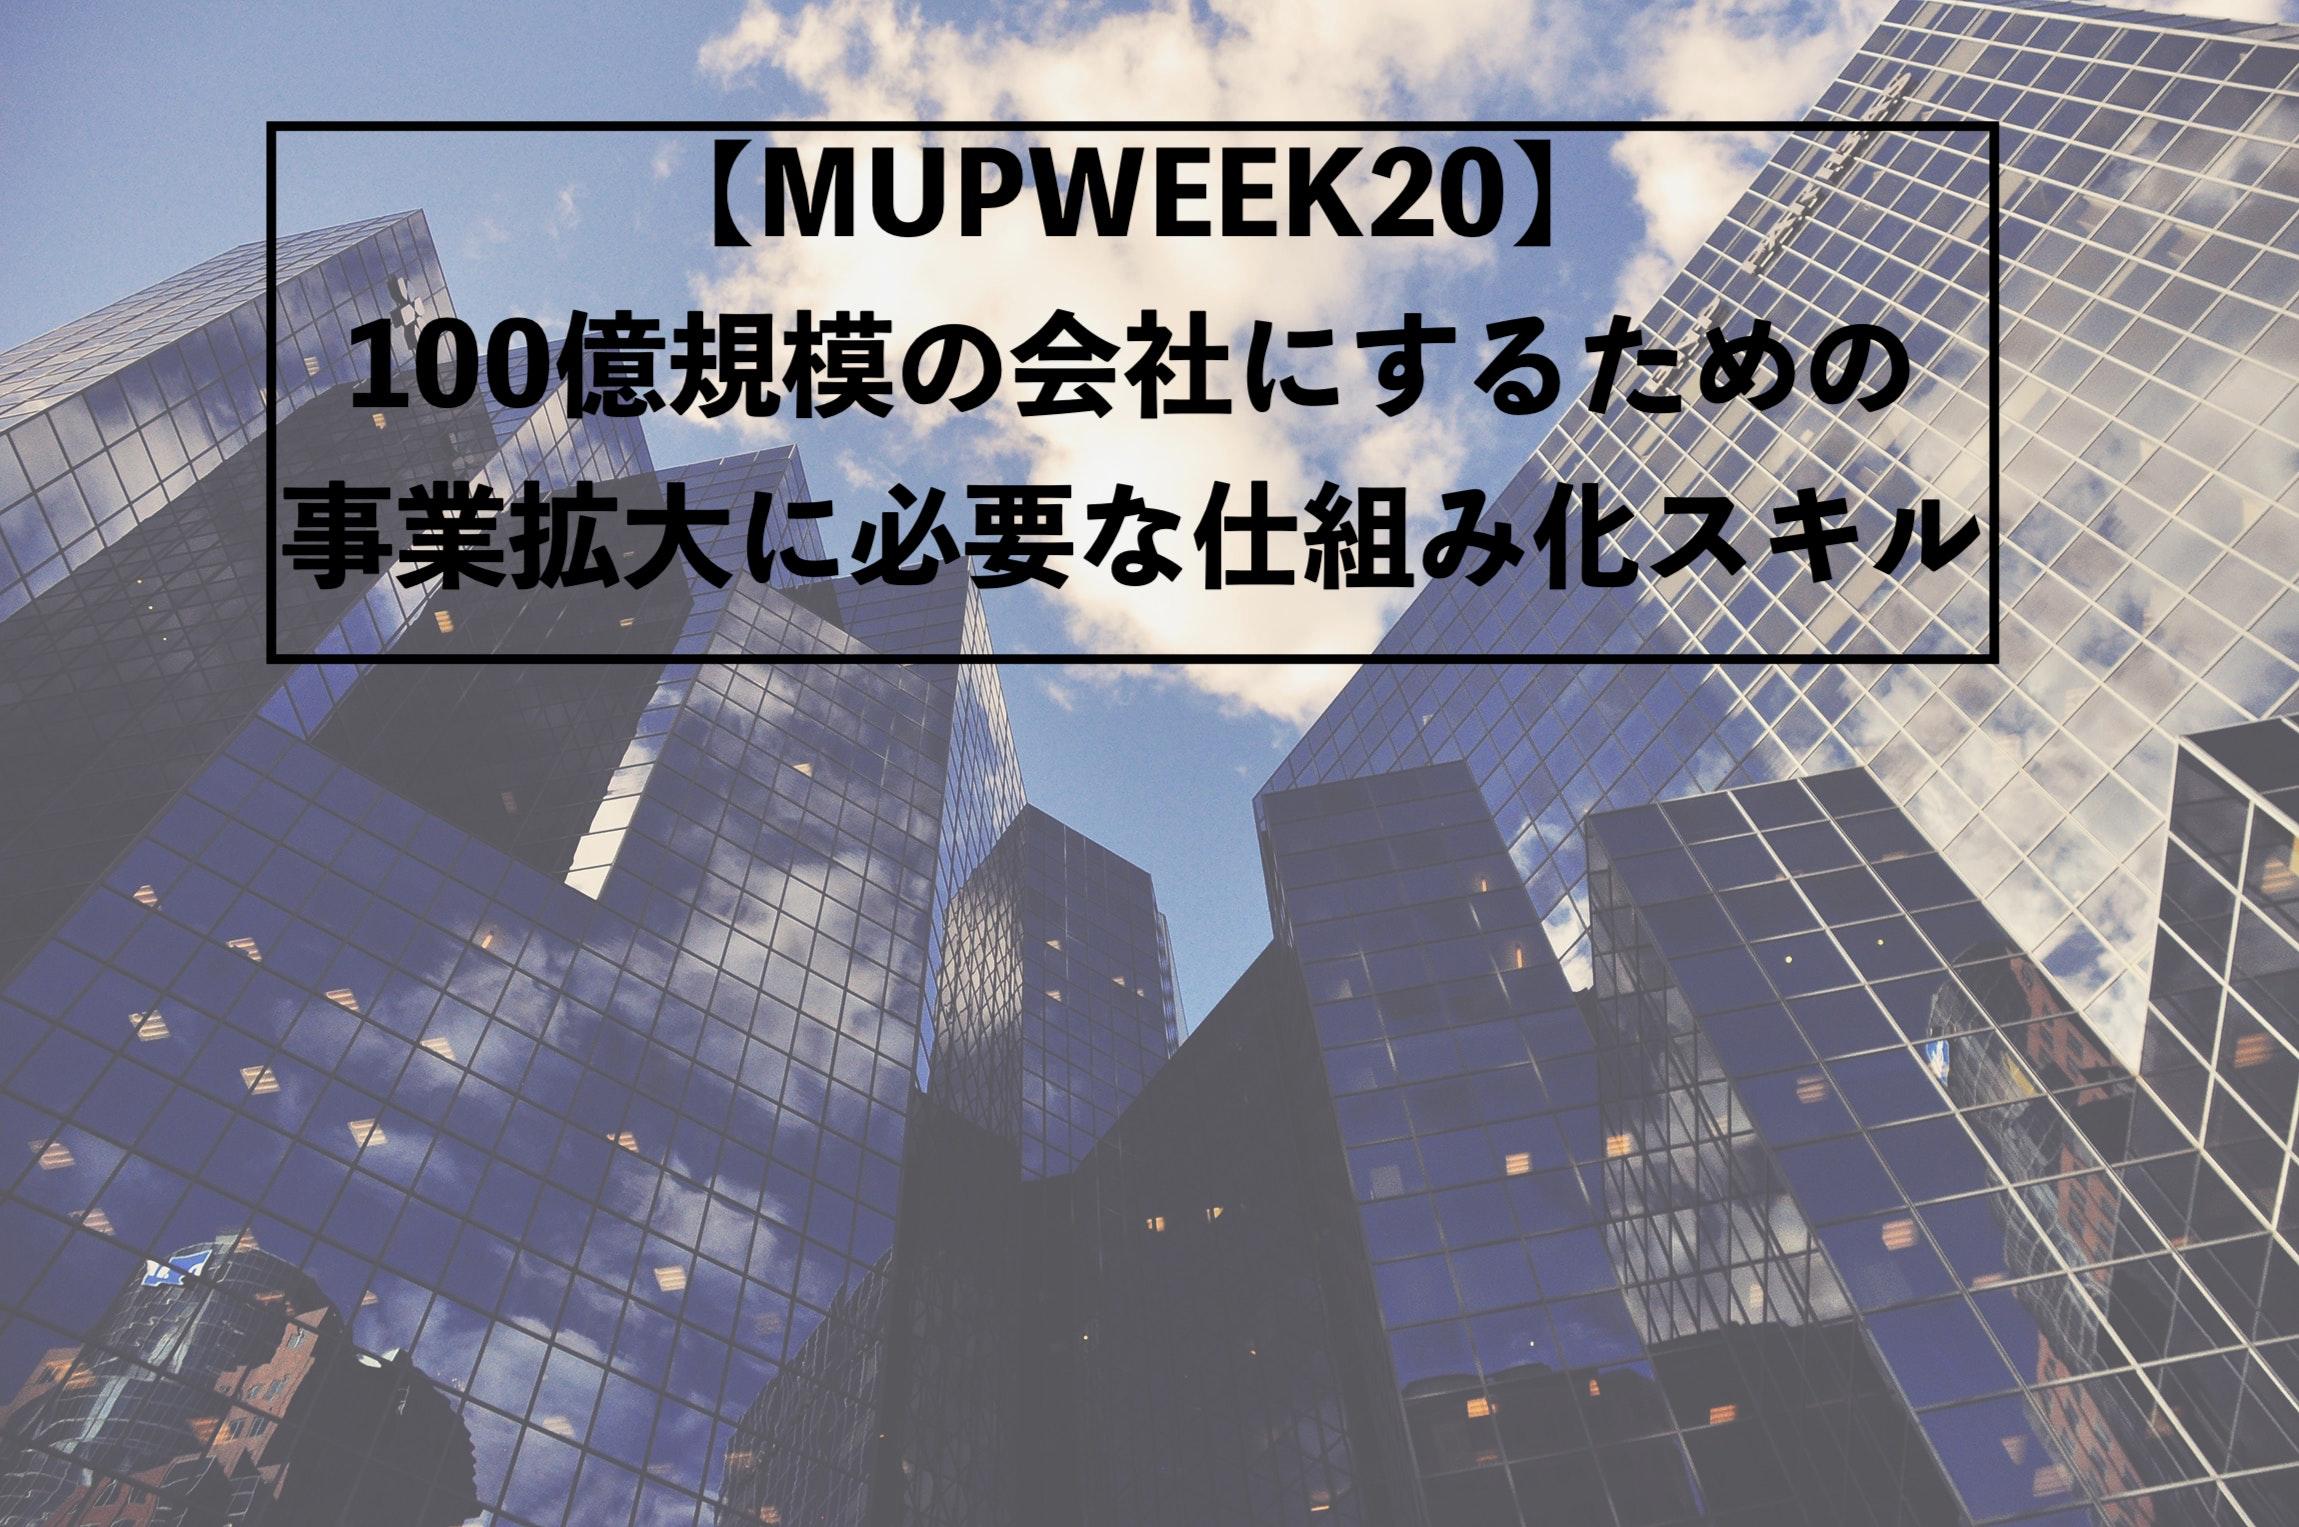 MUPWEEK20